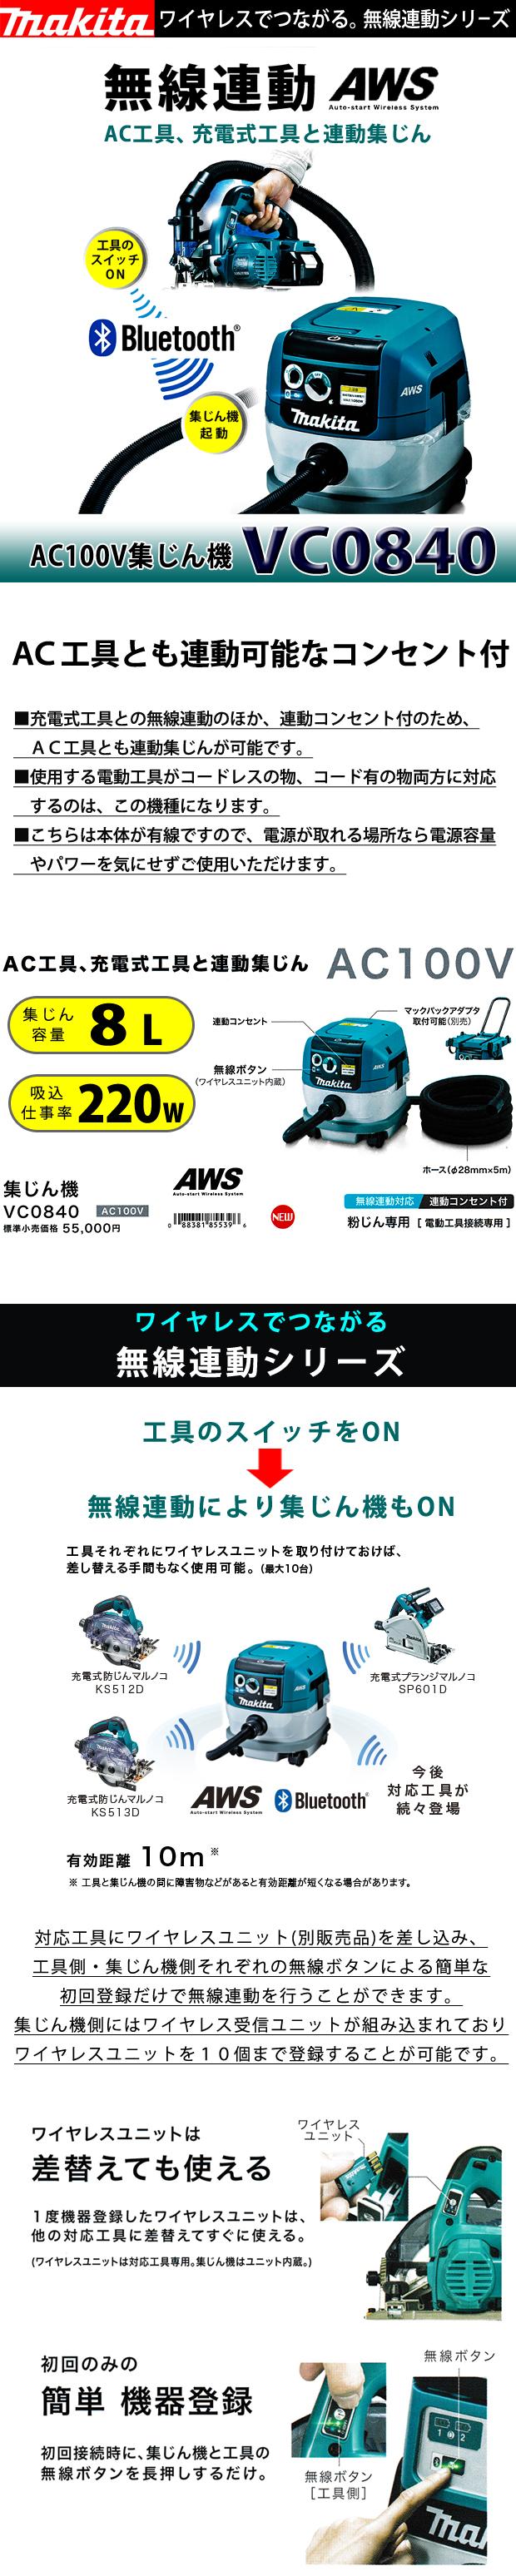 マキタ AC100V集塵機 VC0840